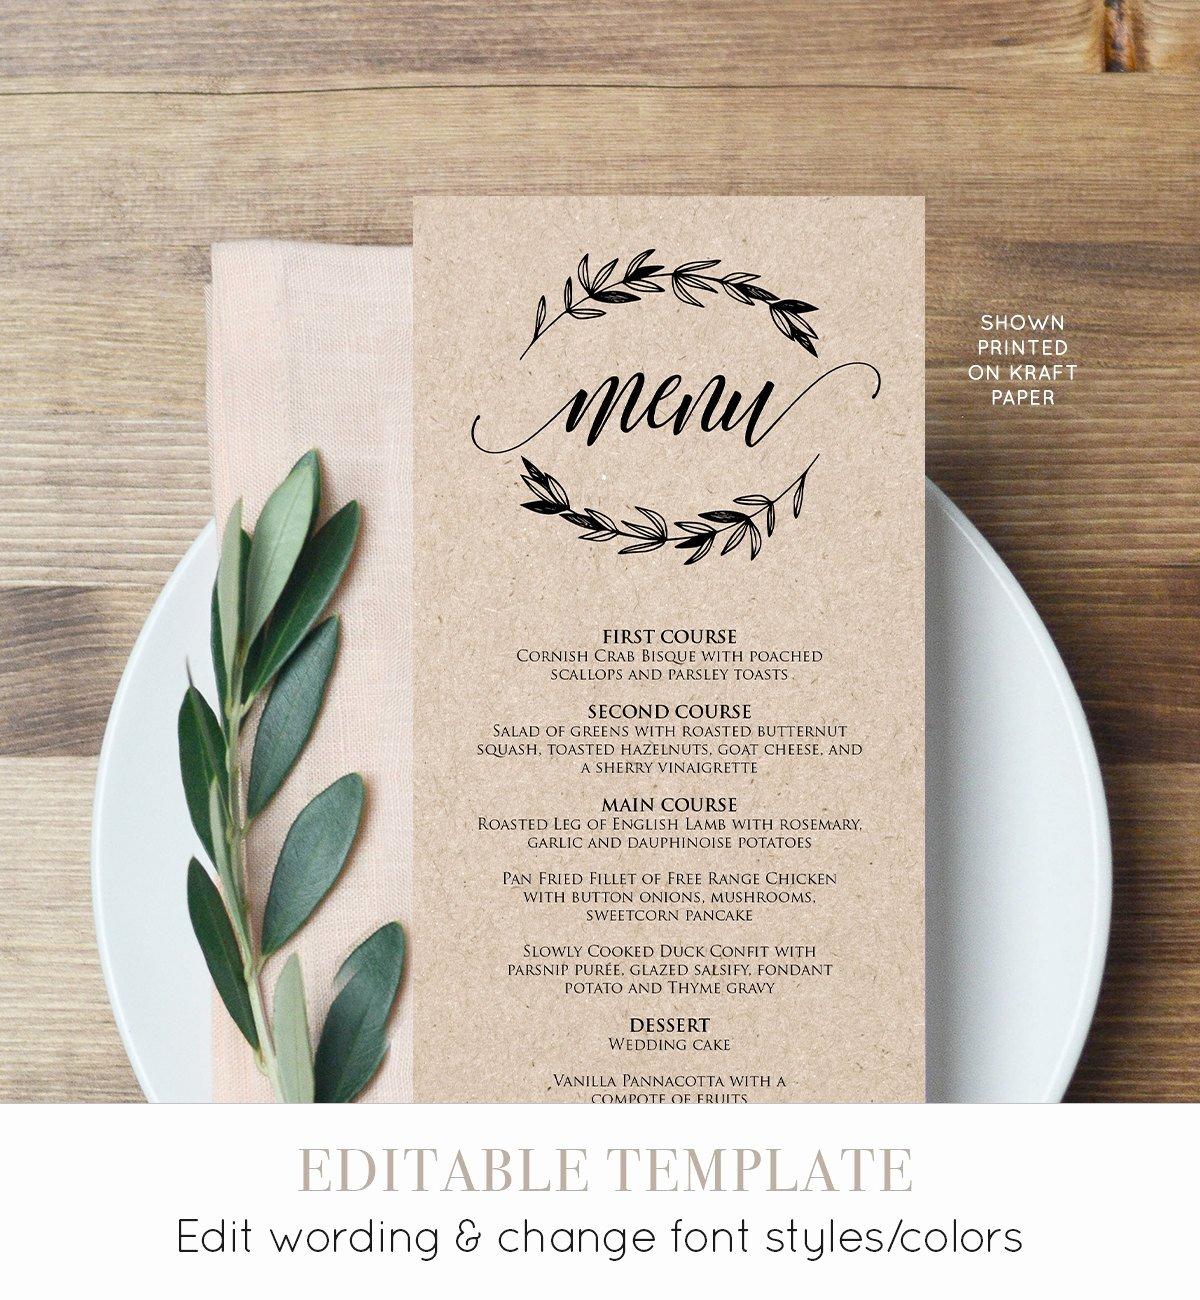 Wedding Menu Cards Template Inspirational Rustic Wedding Menu Template Printable Menu Card